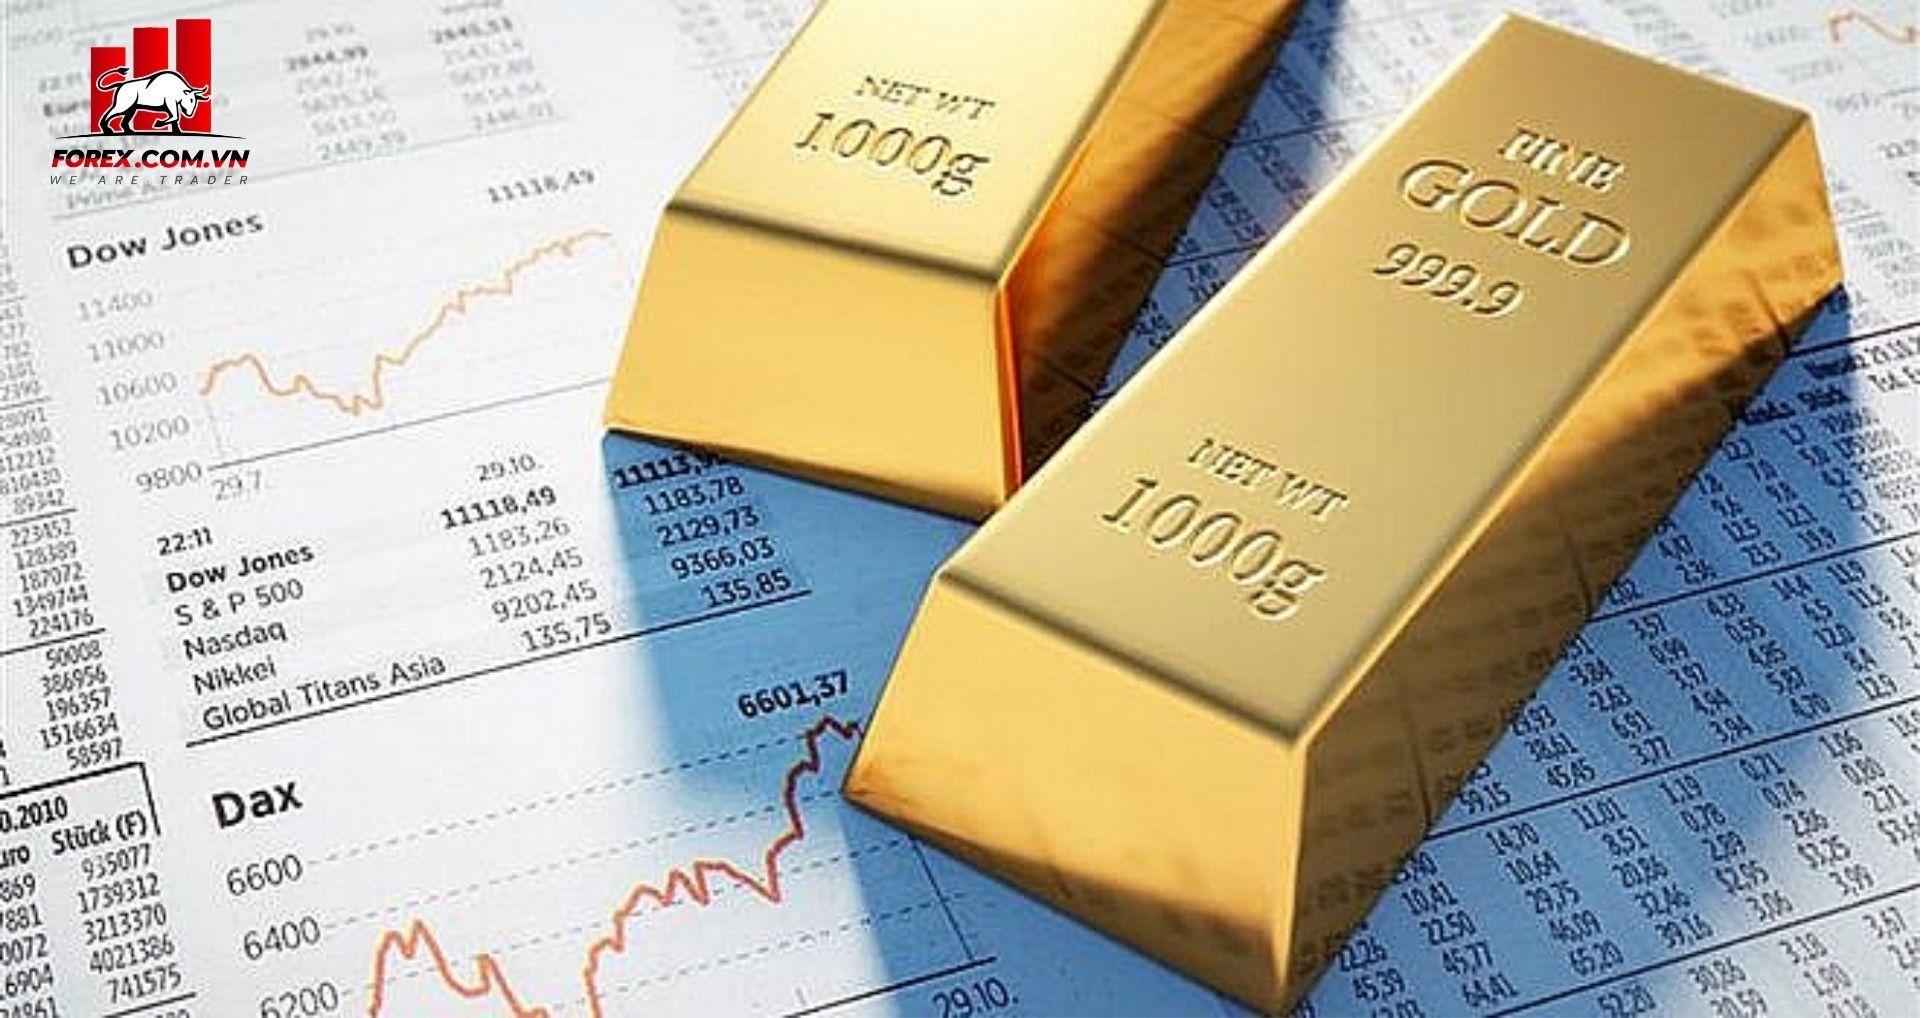 Giá vàng sẽ tiếp tục hưởng lợi từ kết quả bầu cử Tổng thống Mỹ